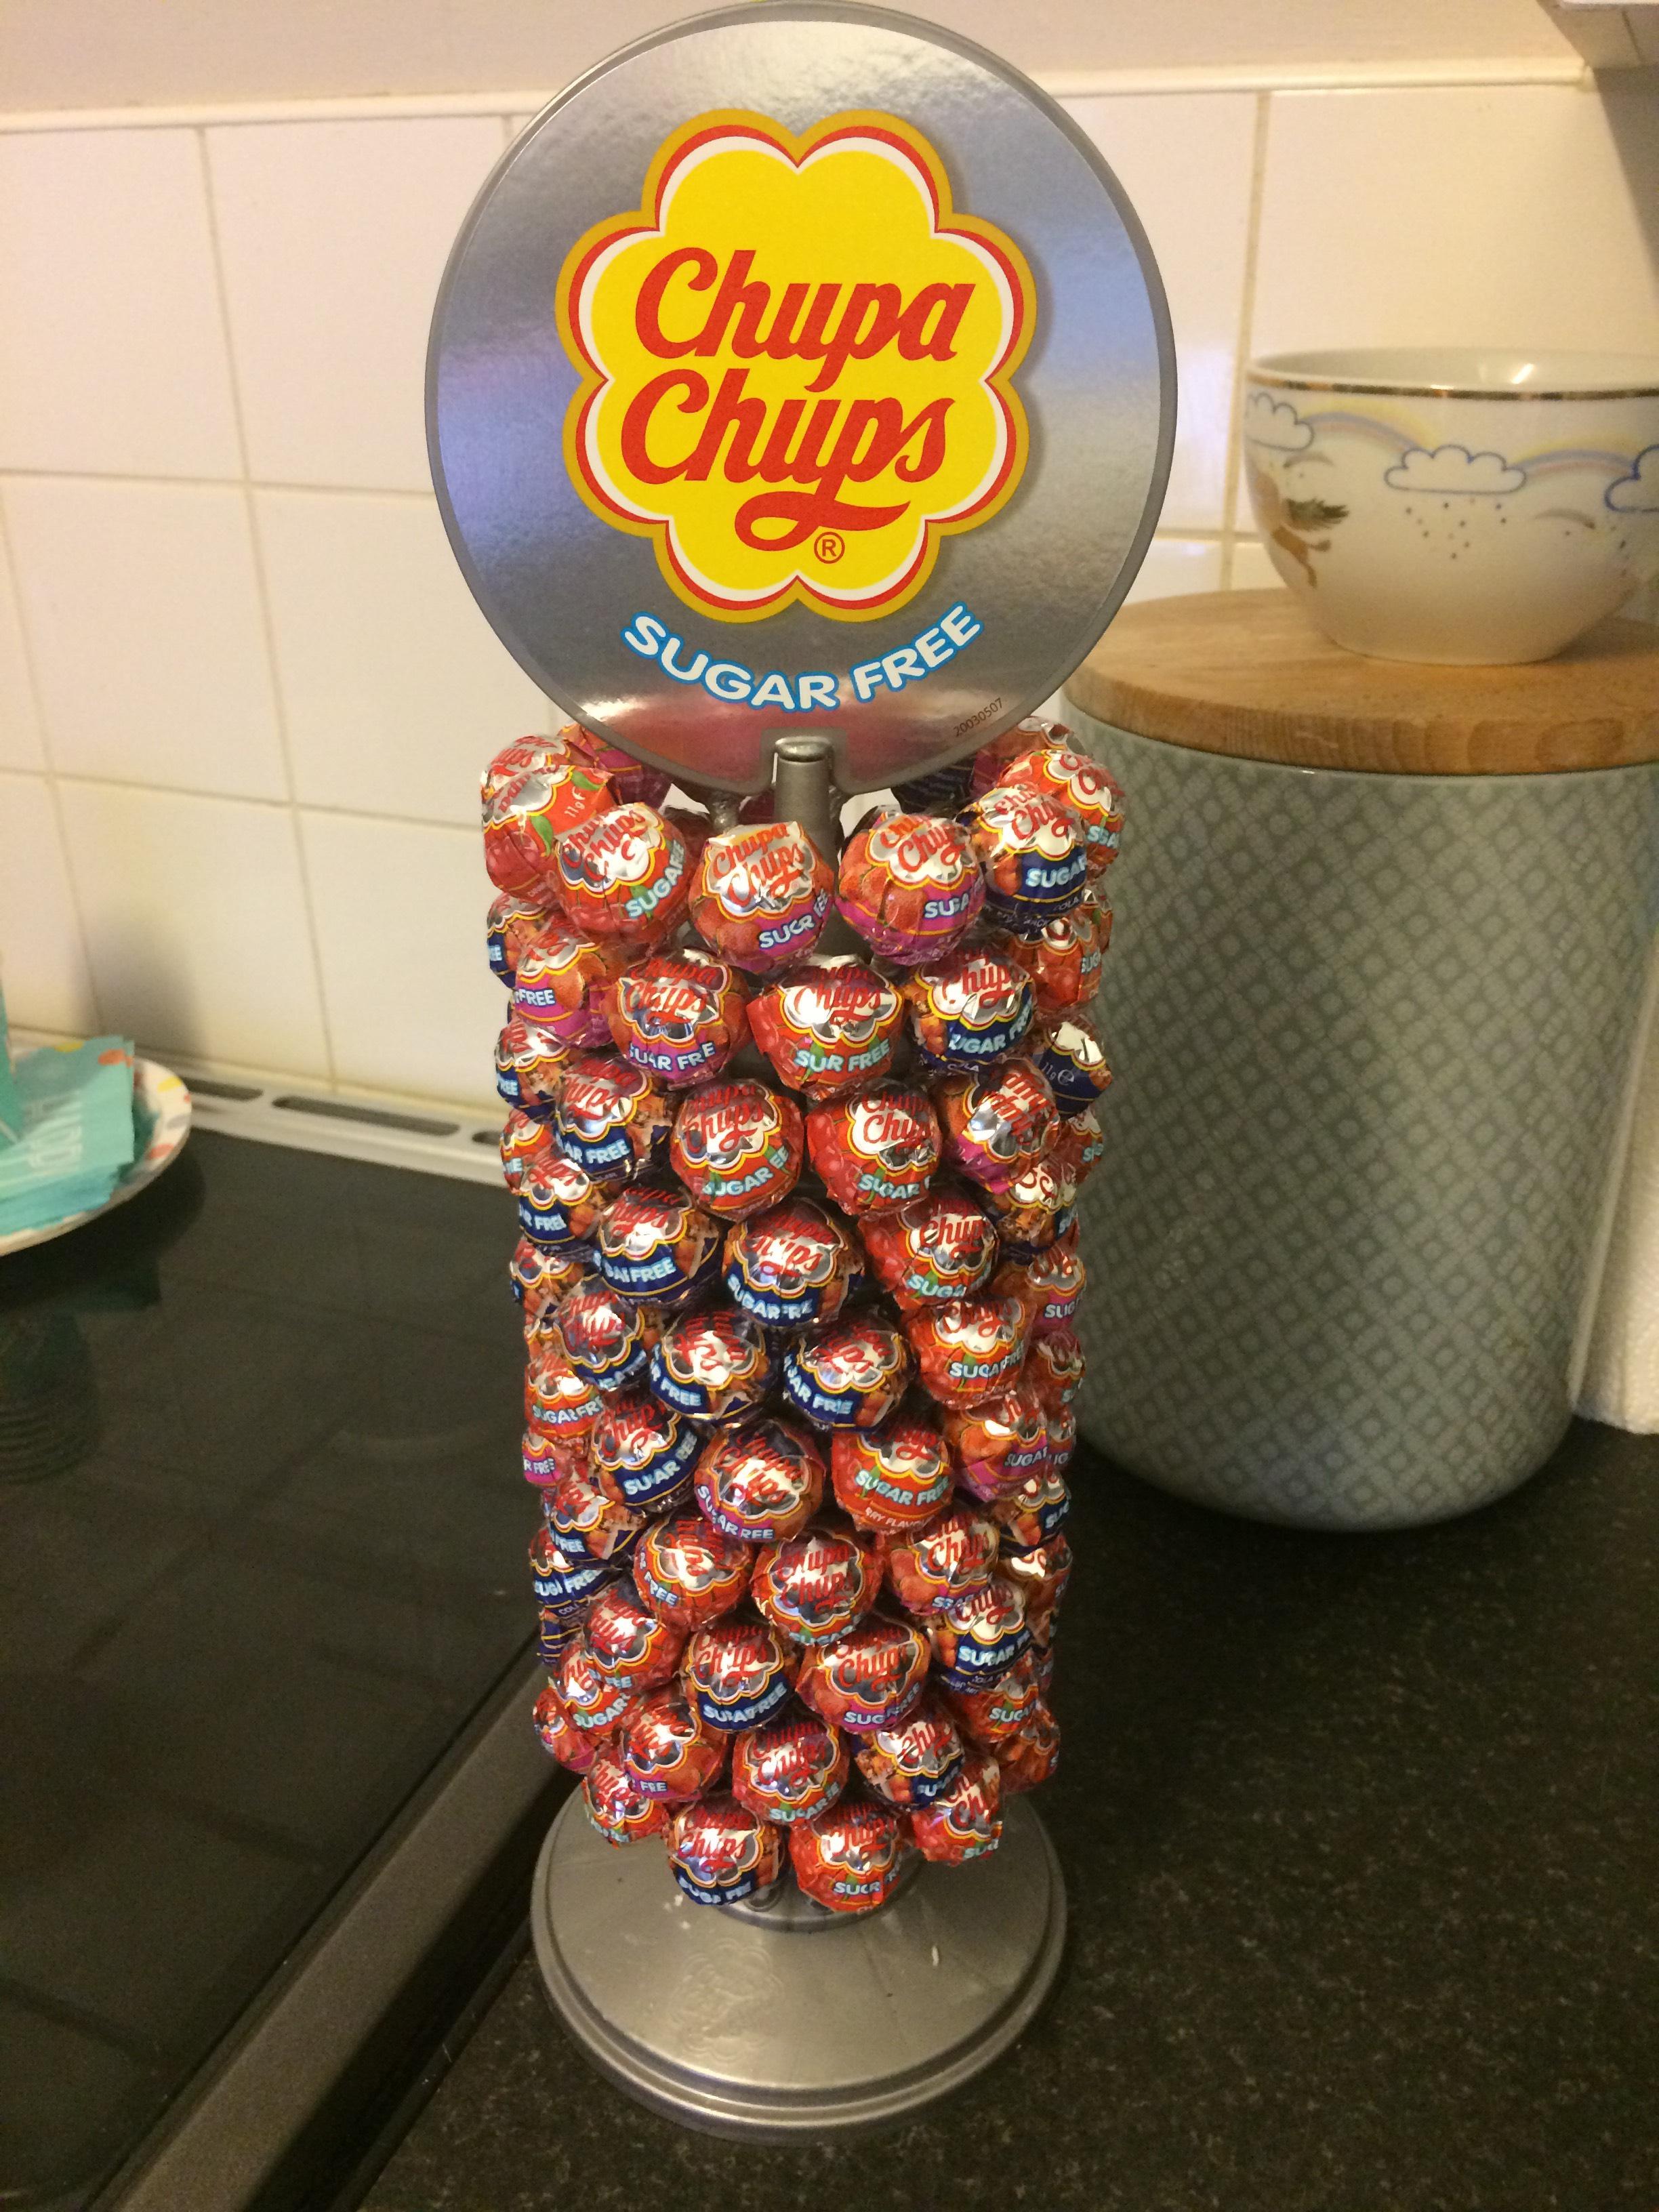 Chupa chups sugar free £9.99 at Home Bargains Essex